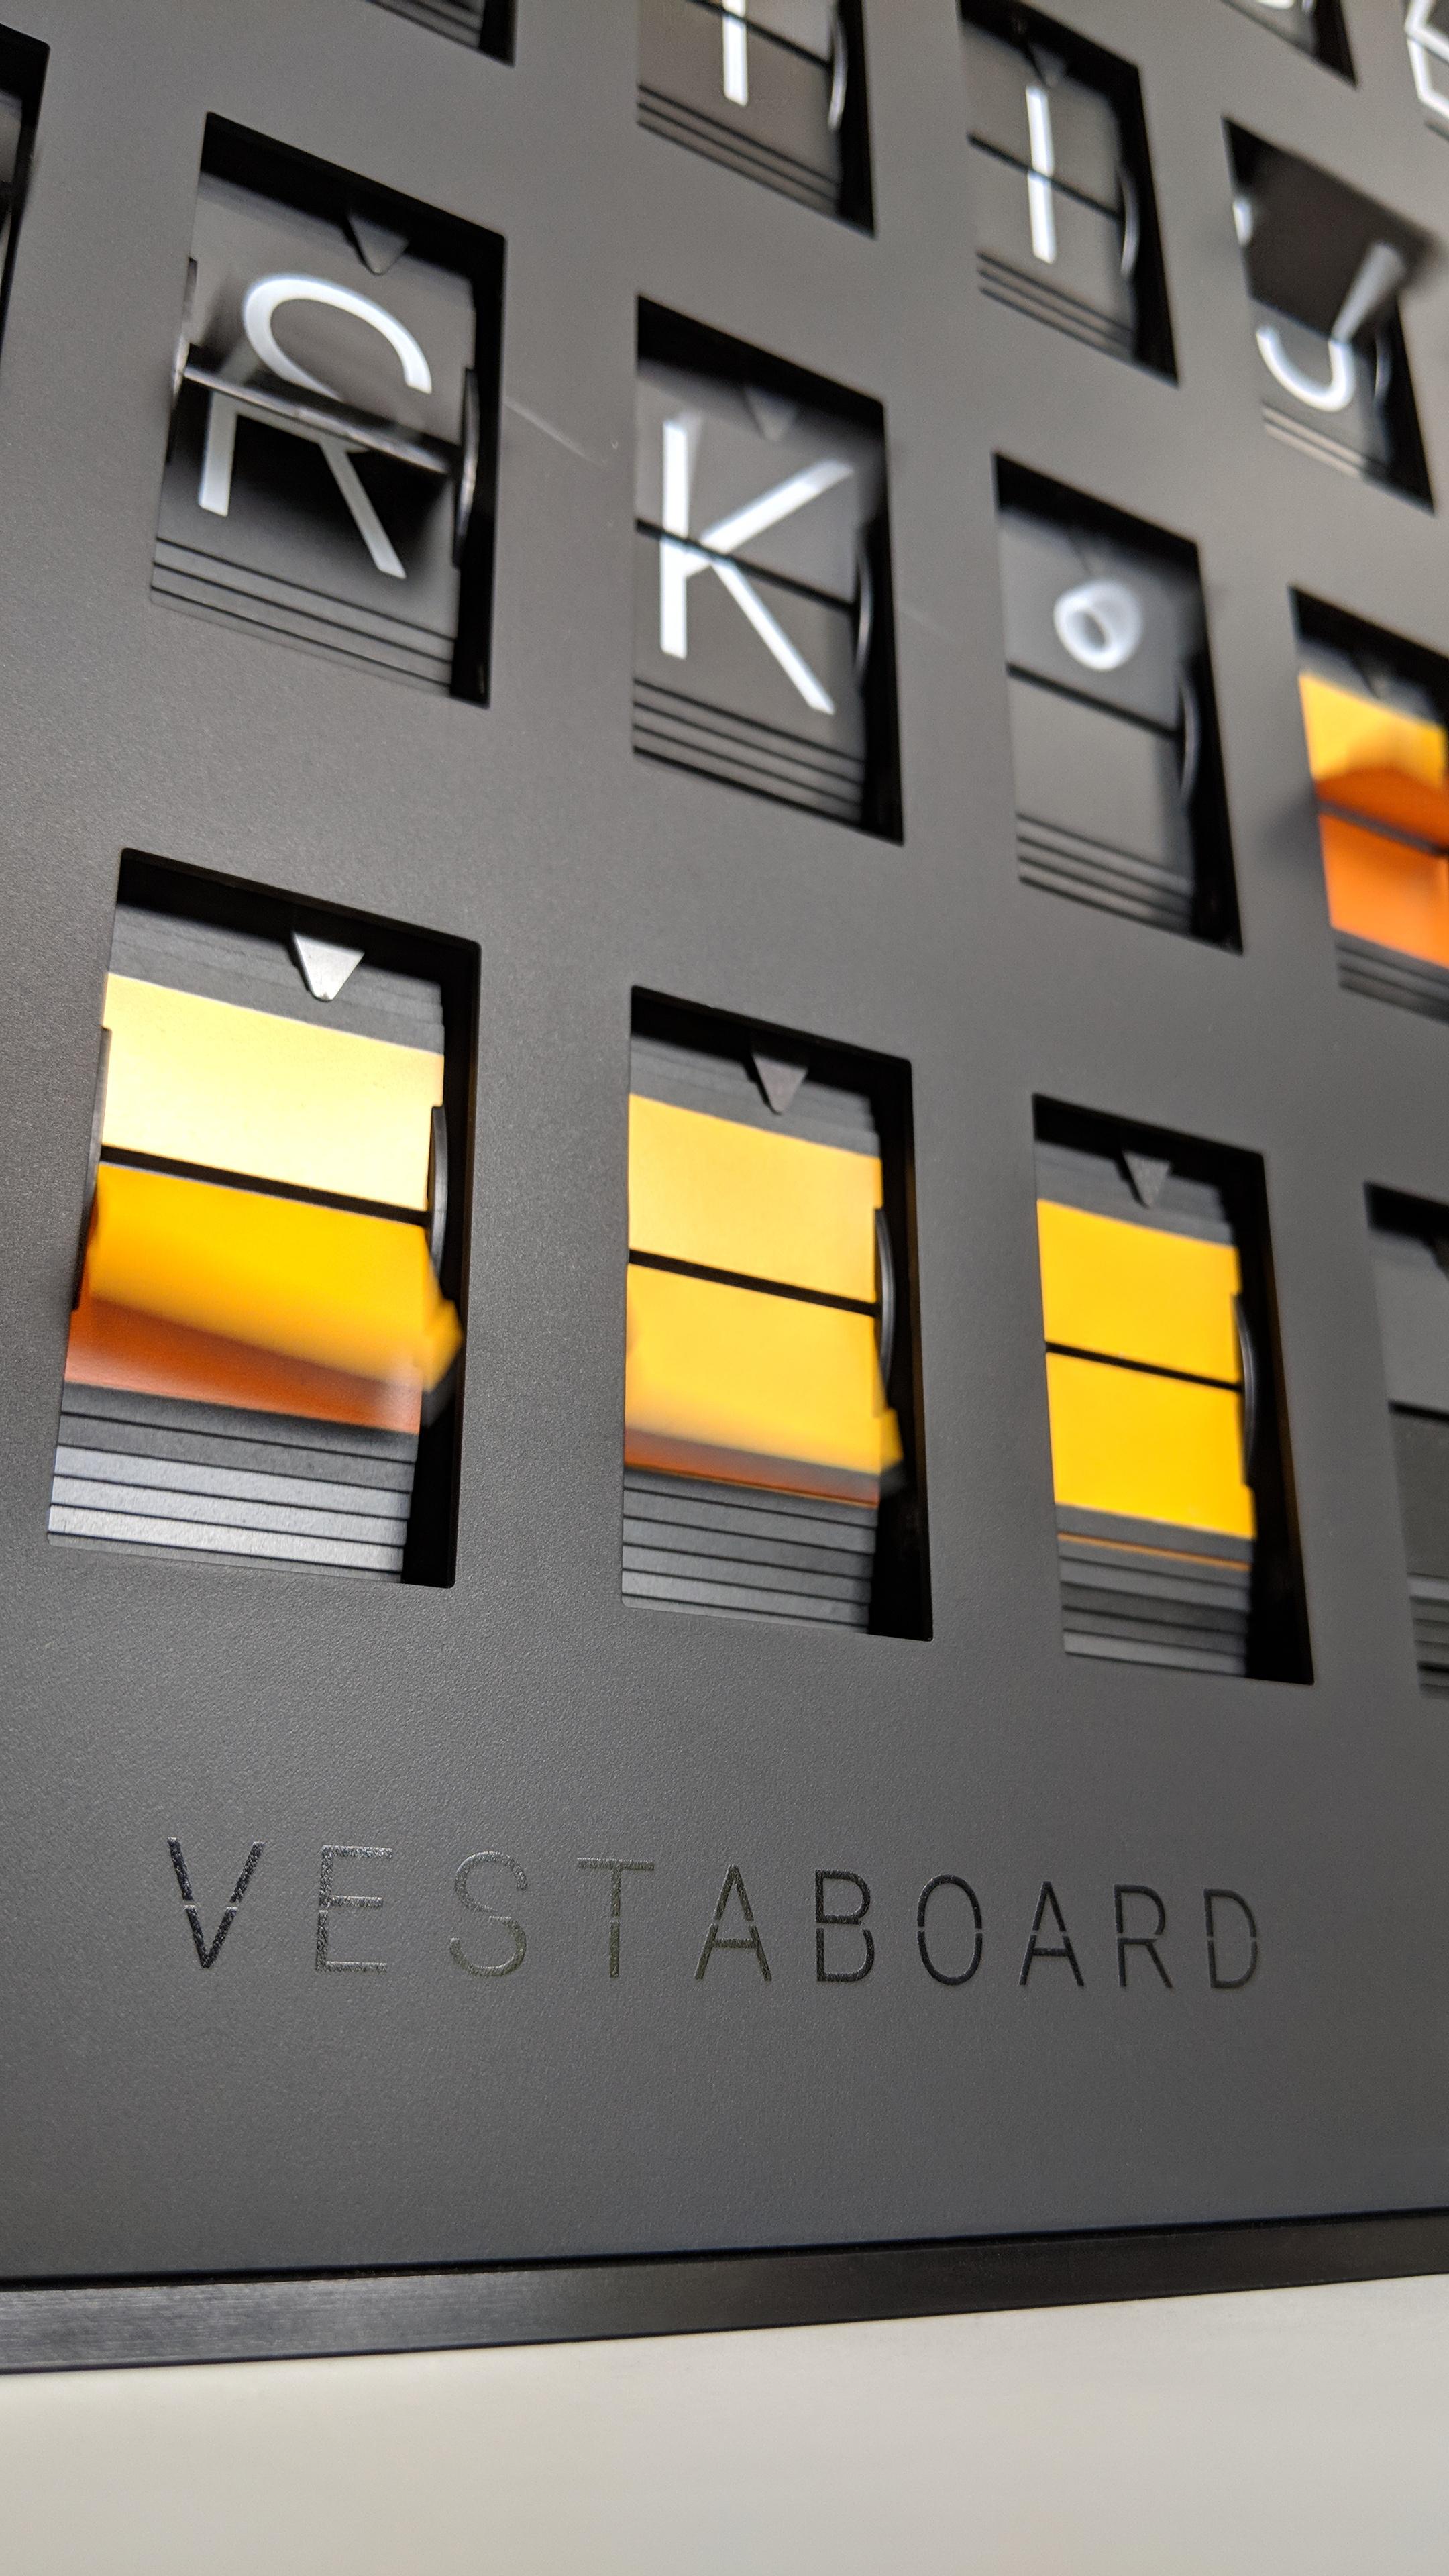 vestaboard_close.jpg